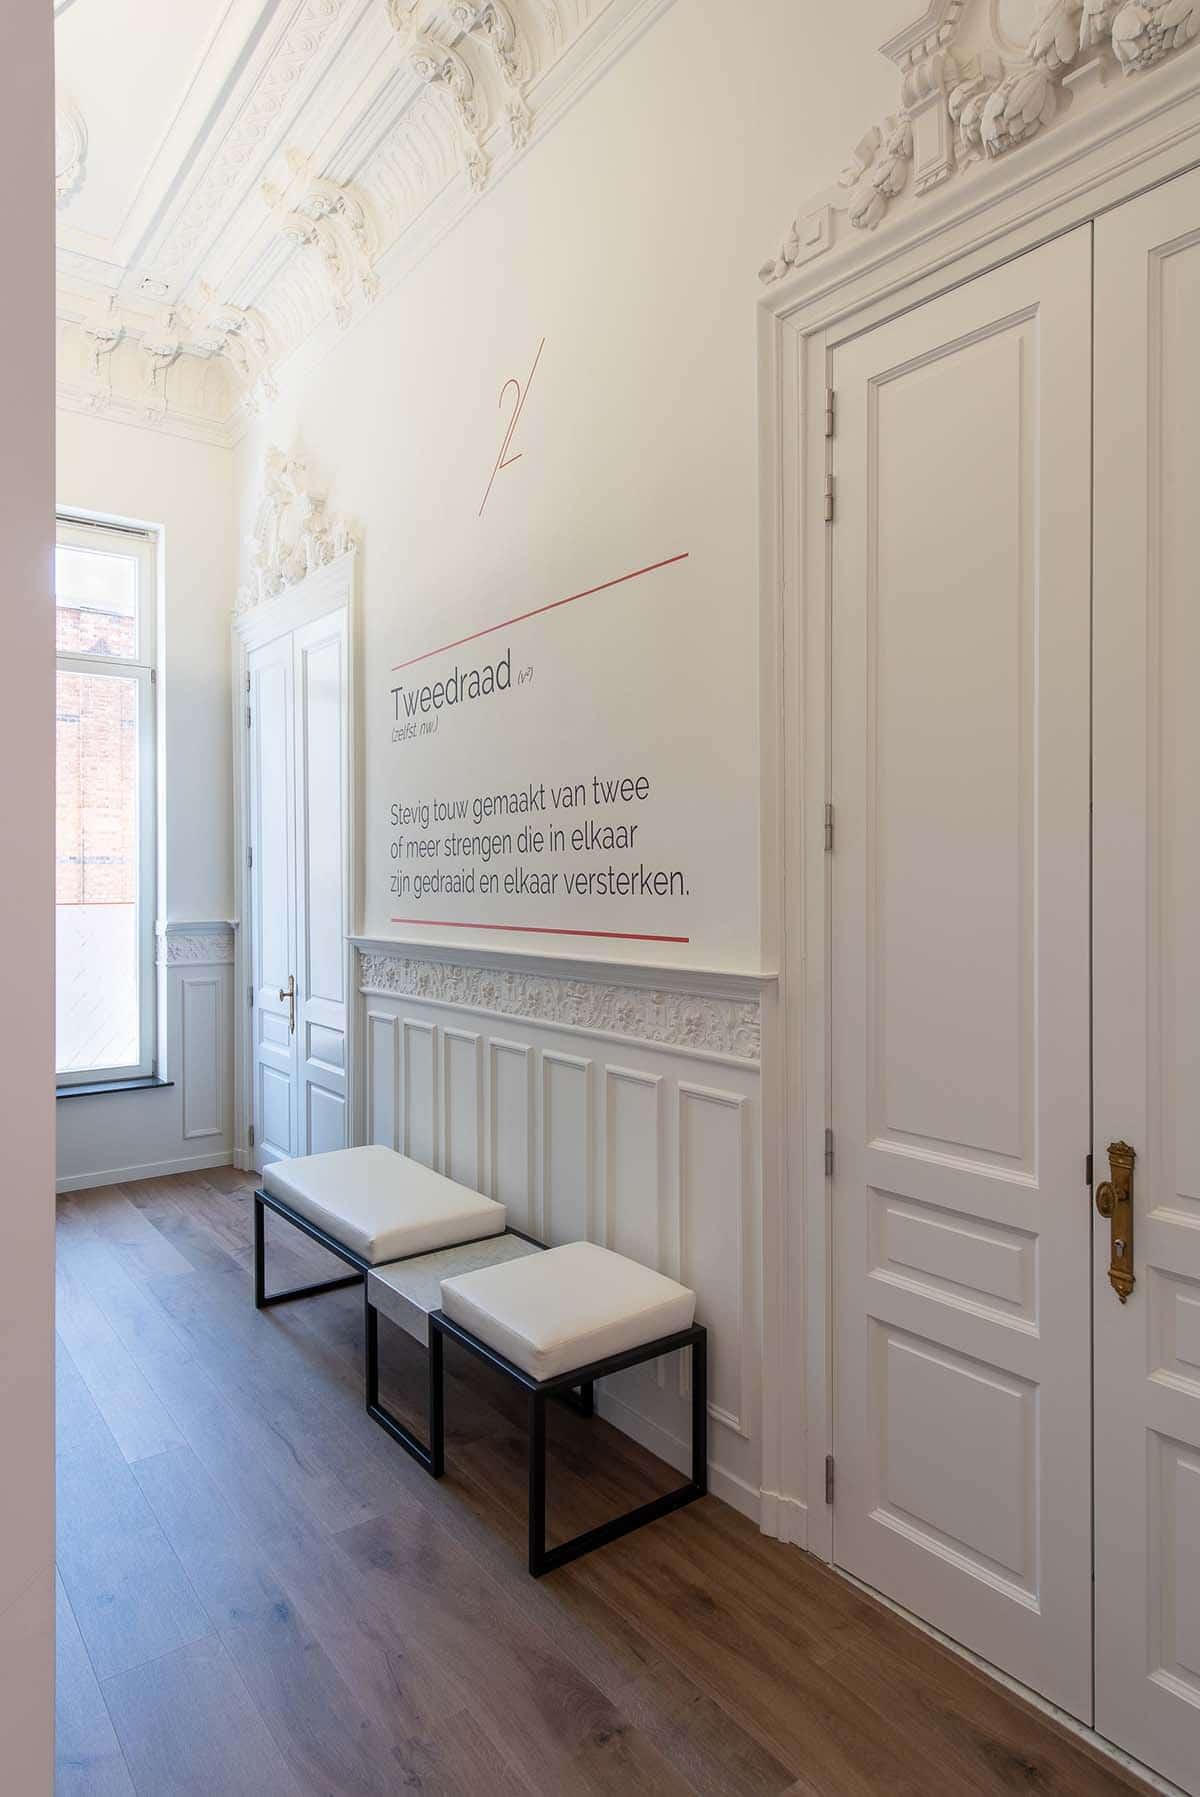 tweedraads advocaten ontwerp interieur